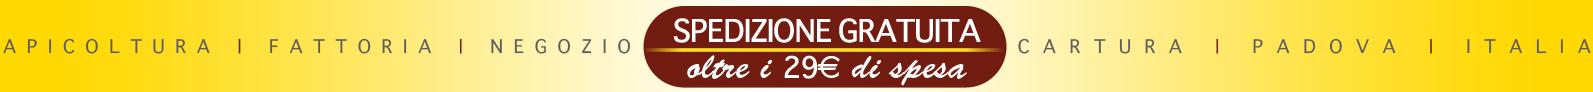 Miele Più Giarin: Spedizione gratuita con un minimo di 29€ di spesa!